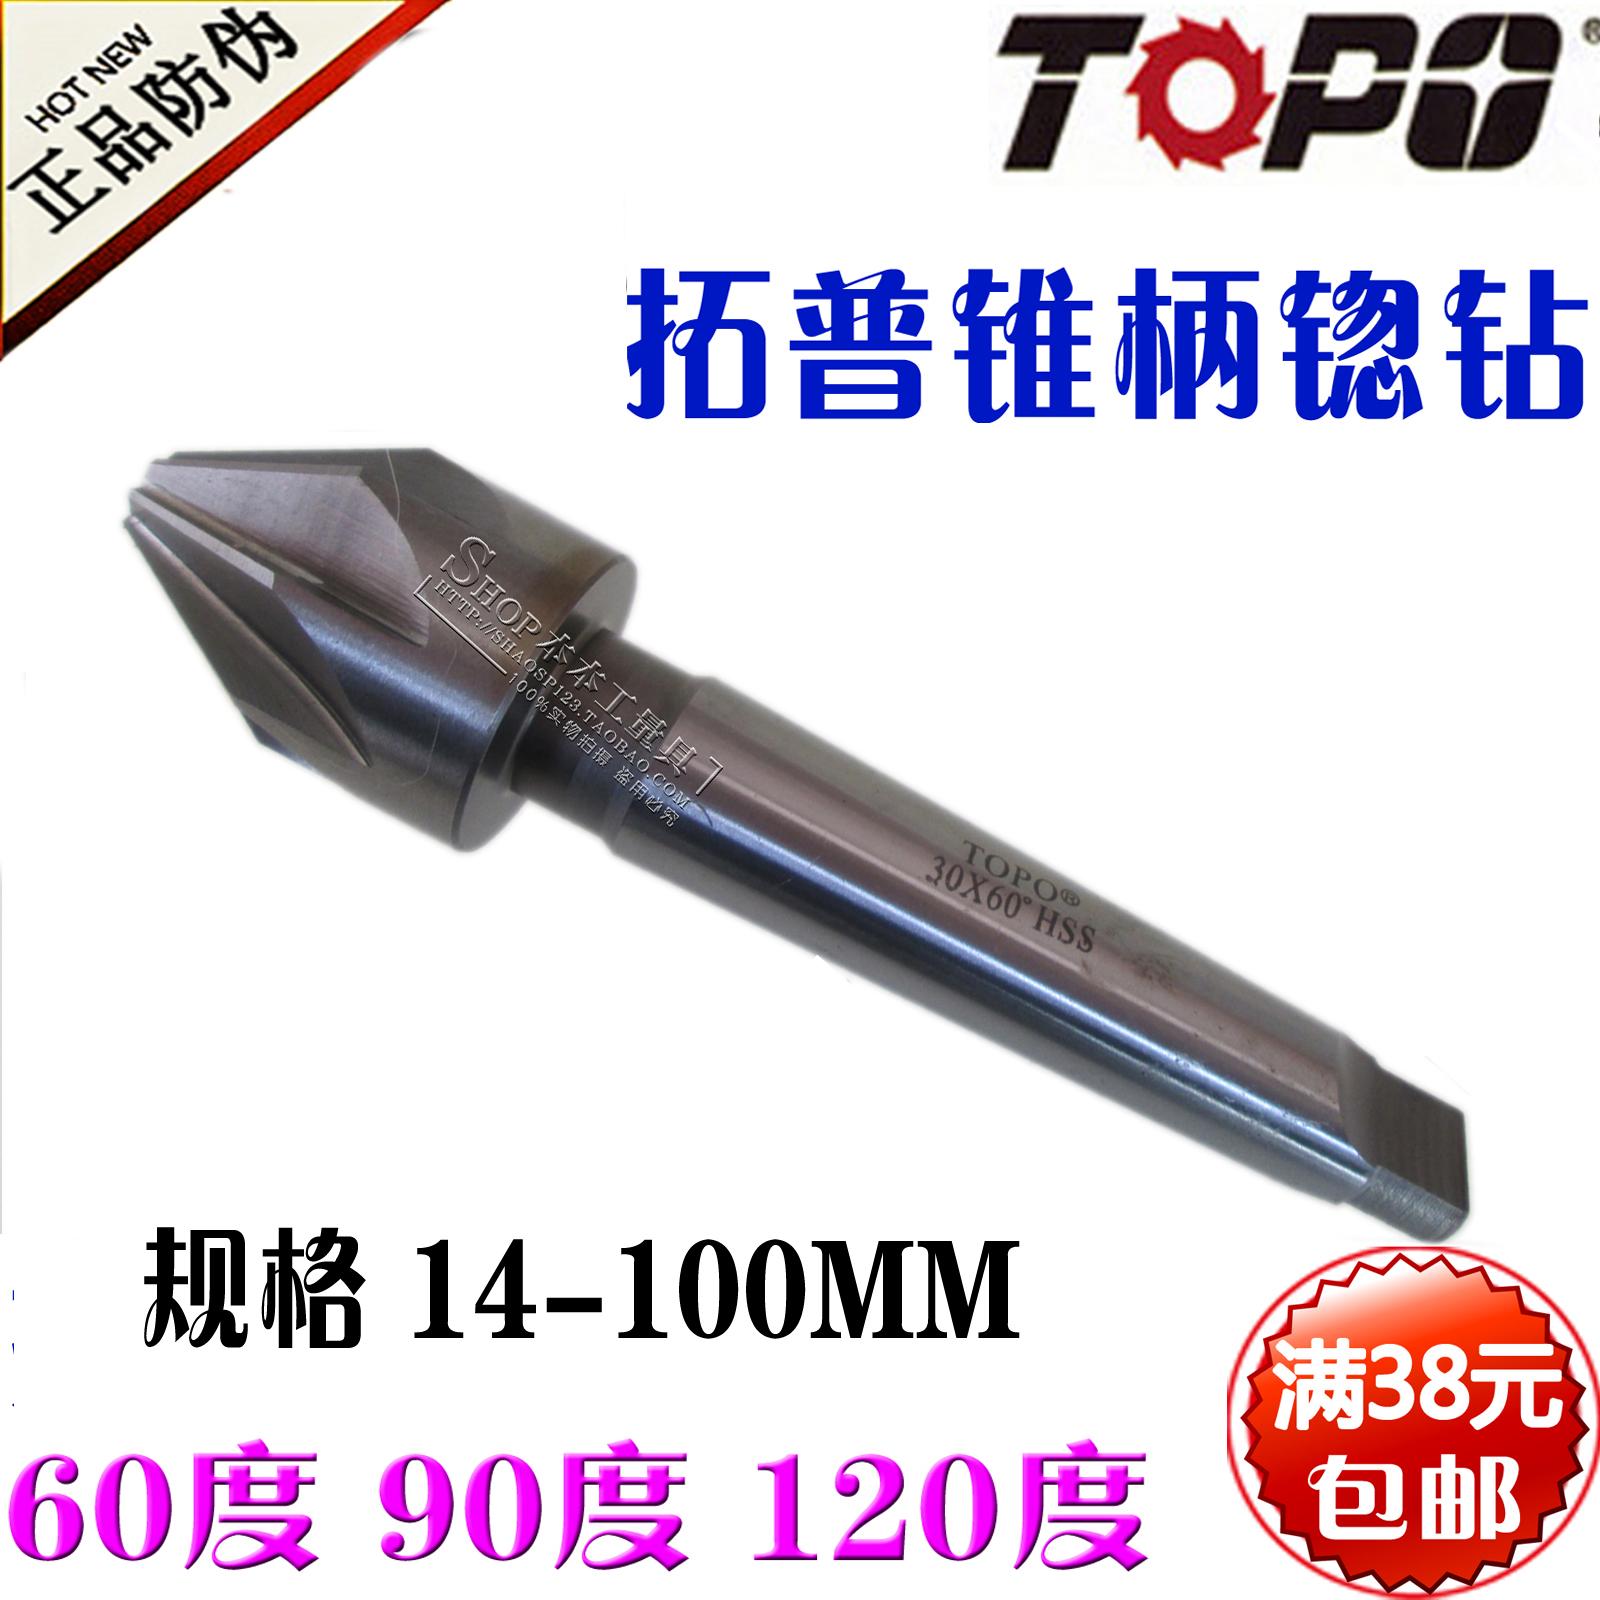 Развивать генерал конический хвостовик зенкер алмаз больше край фаска нож расширять отверстие /huo отверстие дрель 60°90° 14 16 20-100mm